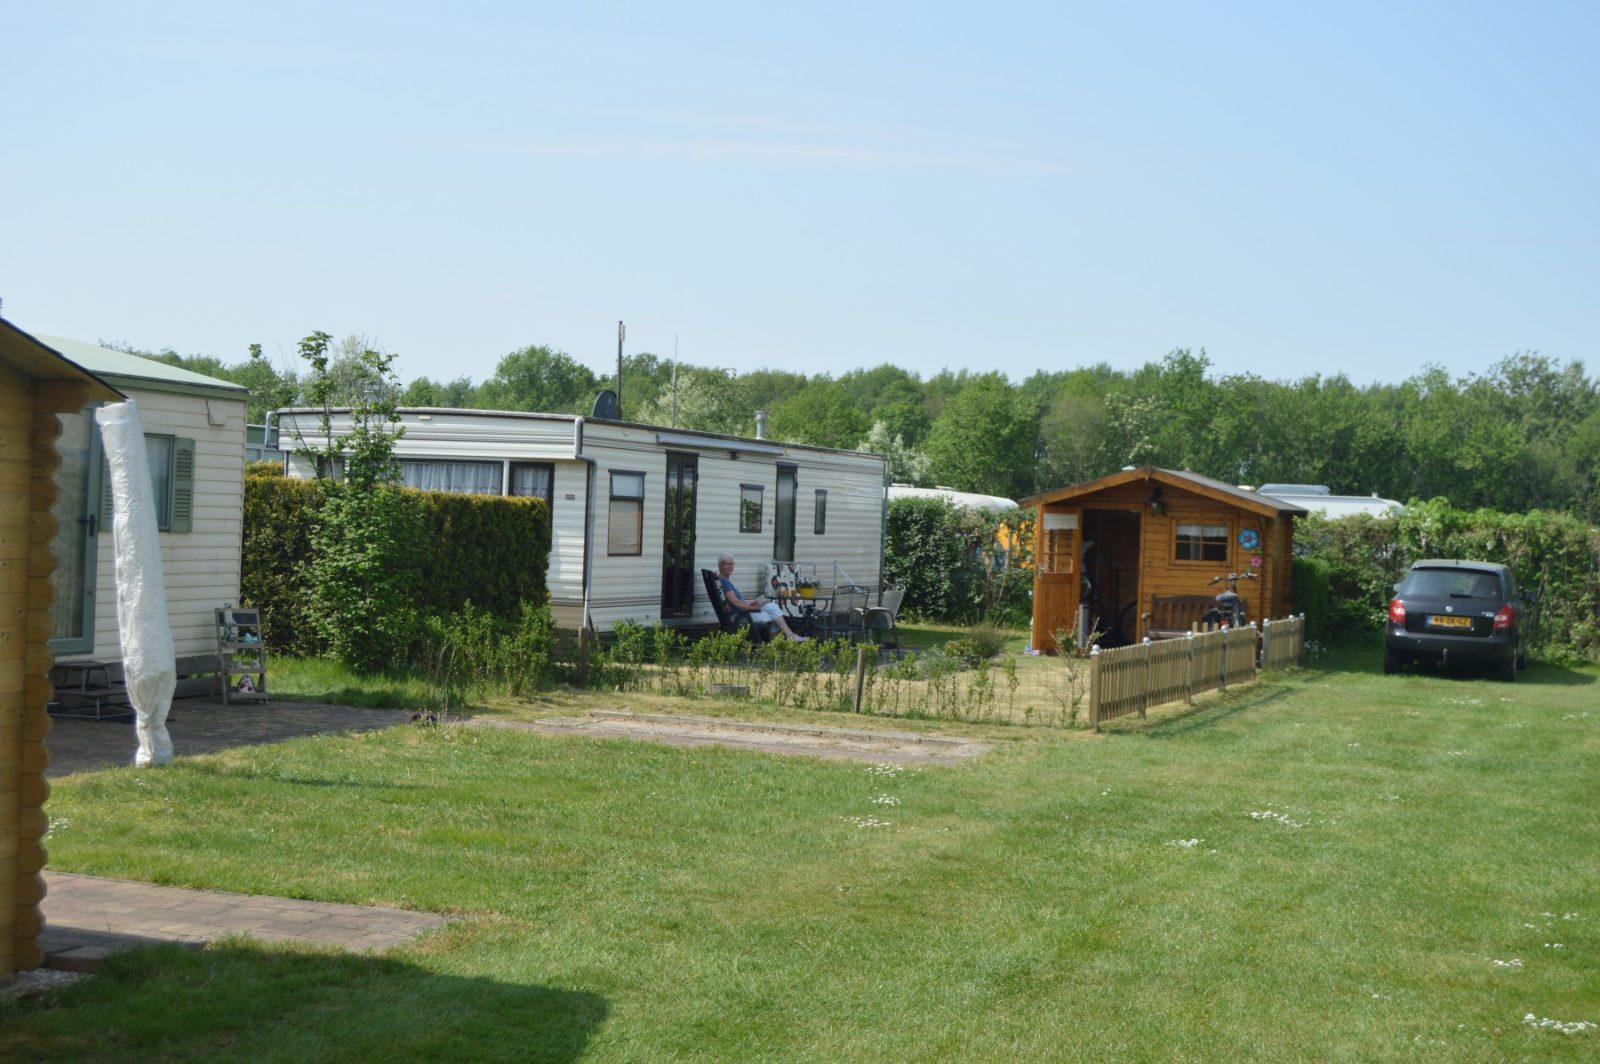 Vaste-standplaatsen-camping-rotandorp-drenthe 3